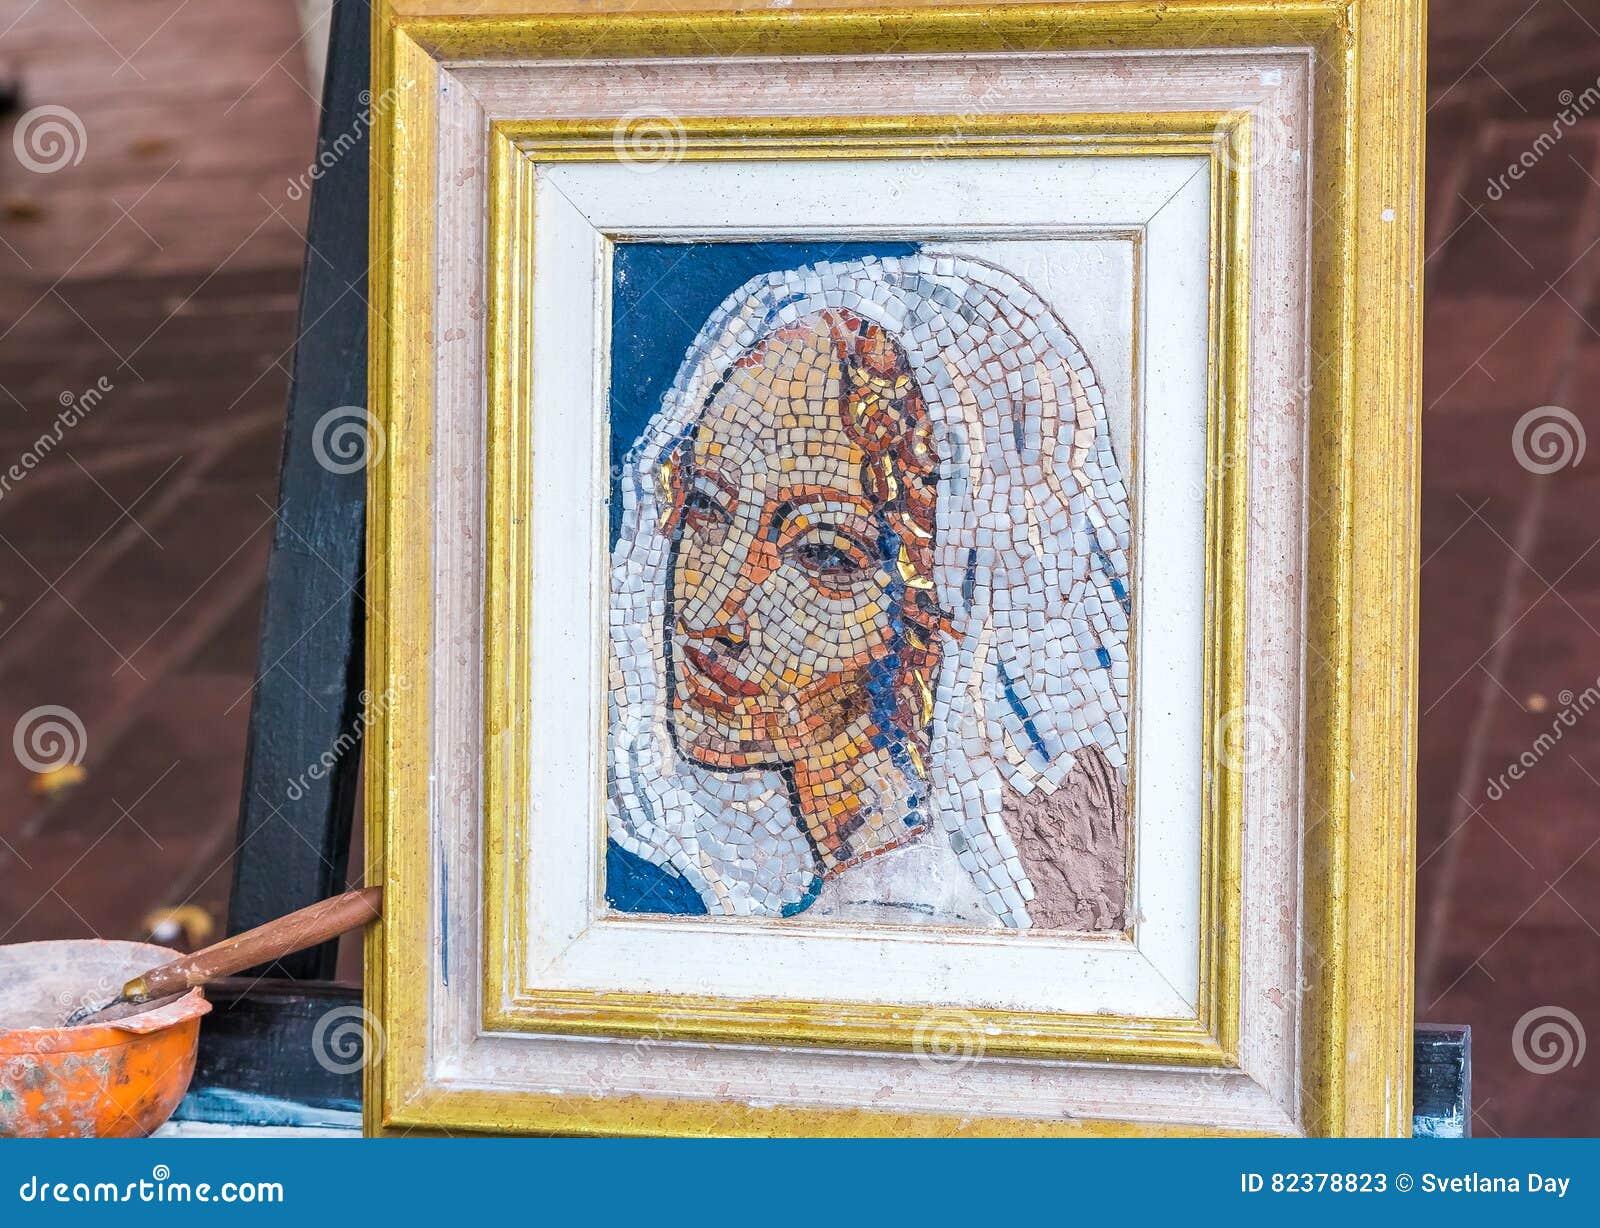 Peinture de mosaïque par un artiste de rue